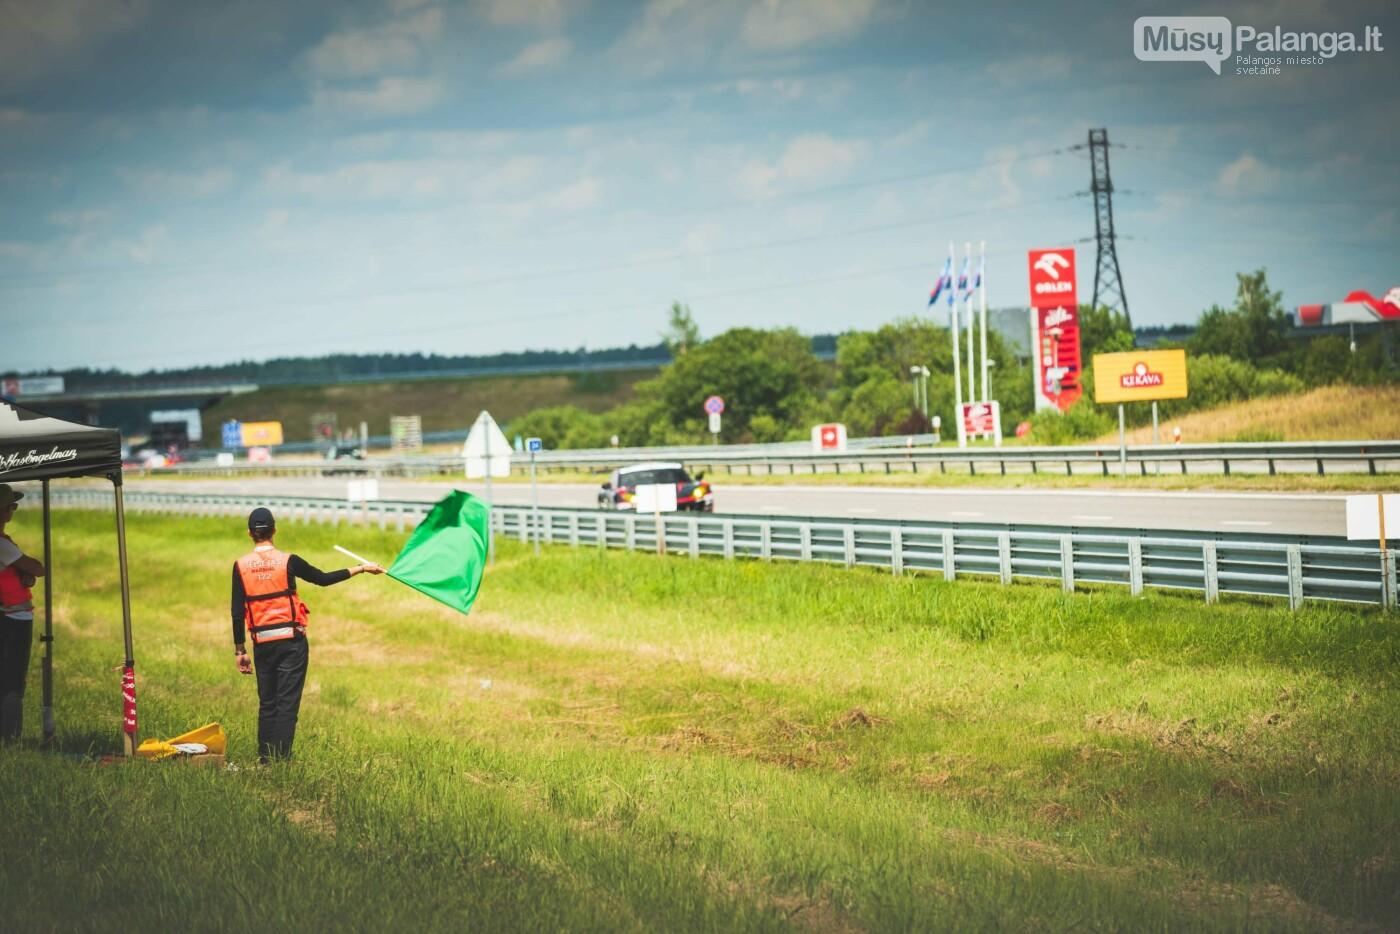 """Pirmoji """"Aurum 1006 km lenktynių"""" repeticija, nuotrauka-15, Arno STRUMILOS nuotr."""